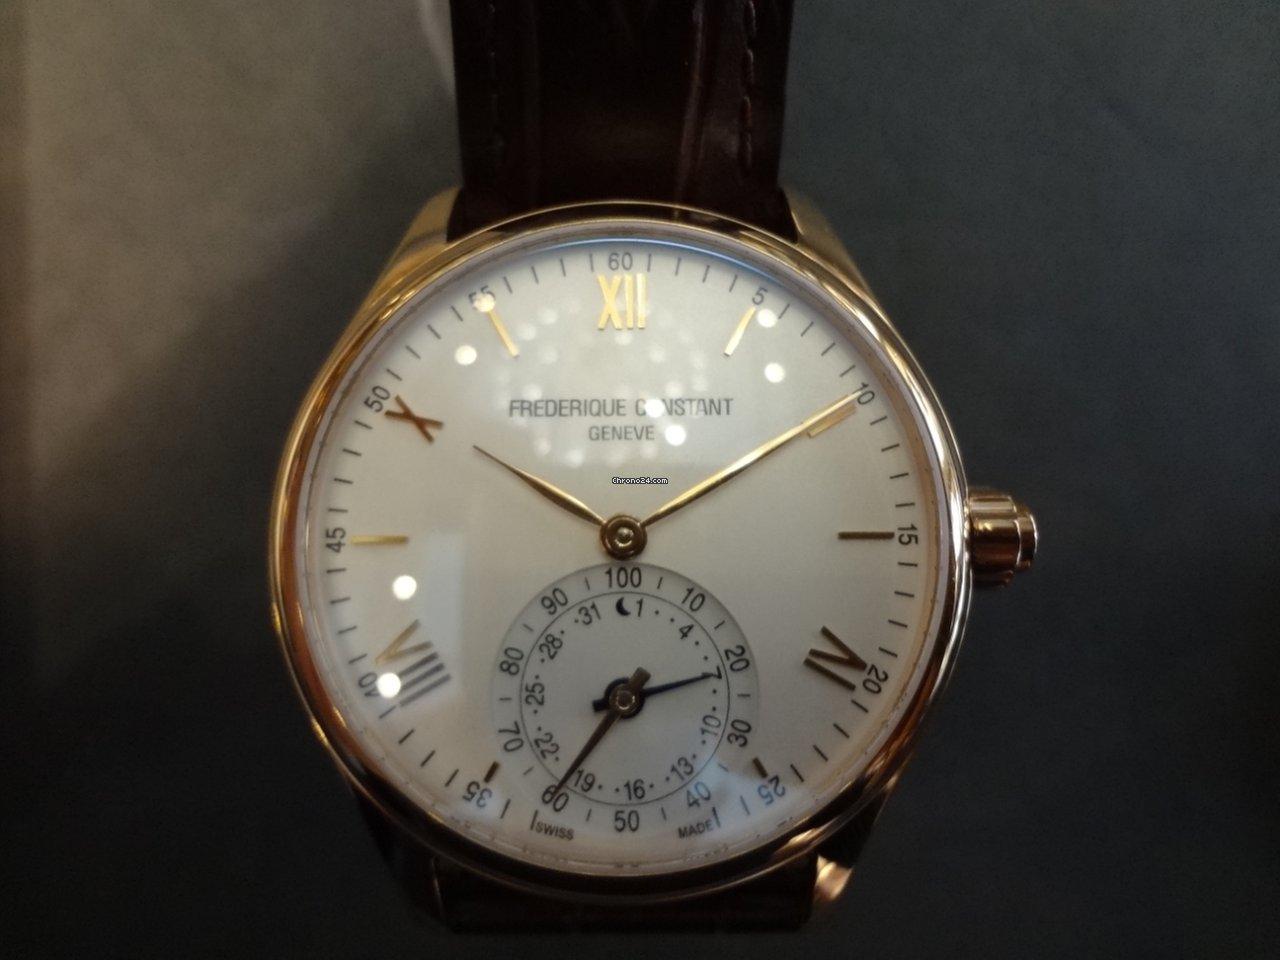 19d107c48e4c Relojes Frederique Constant - Precios de todos los relojes Frederique  Constant en Chrono24